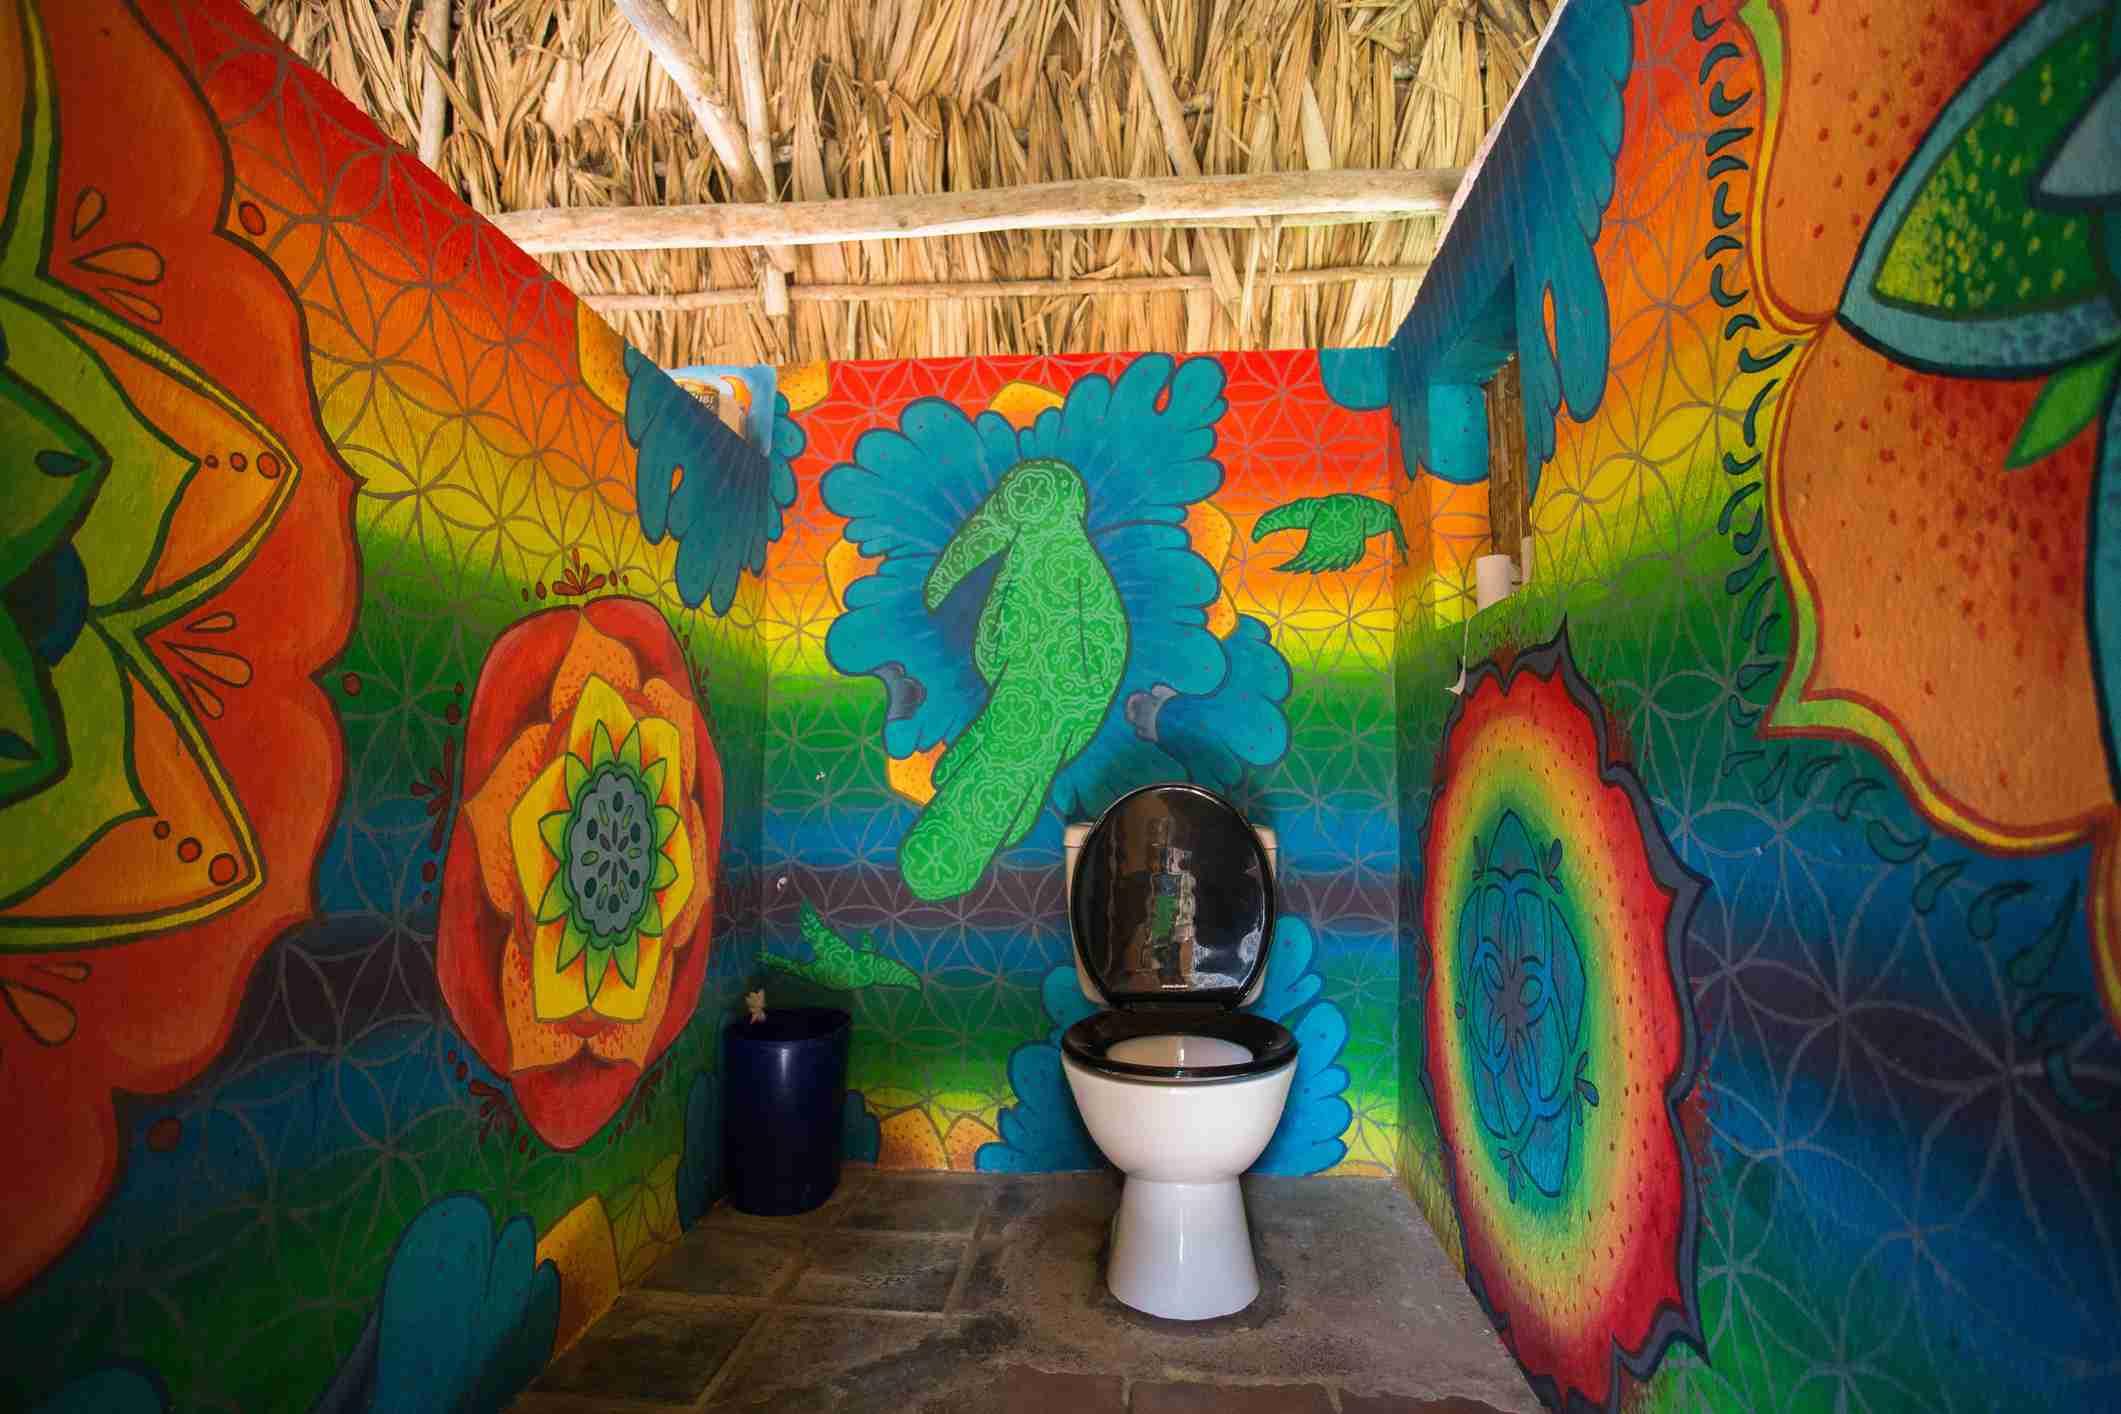 A colorful hostel bathroom in Guatemala